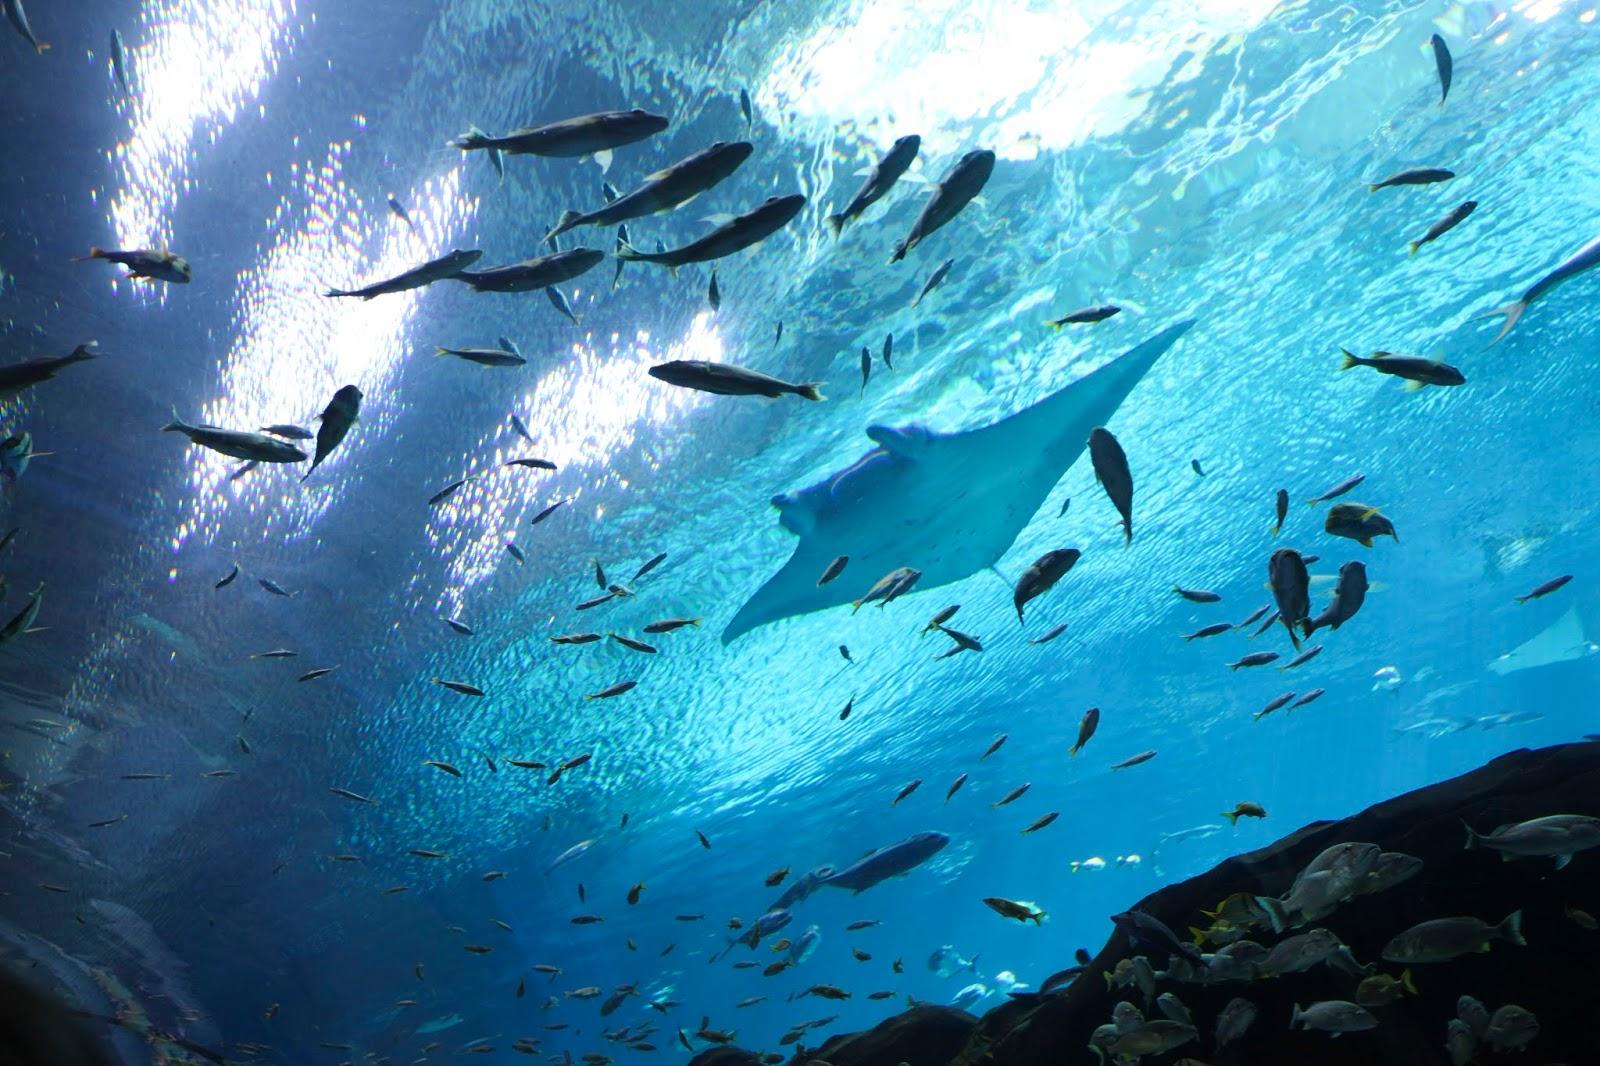 under water tunnel in the Georgia Aquarium